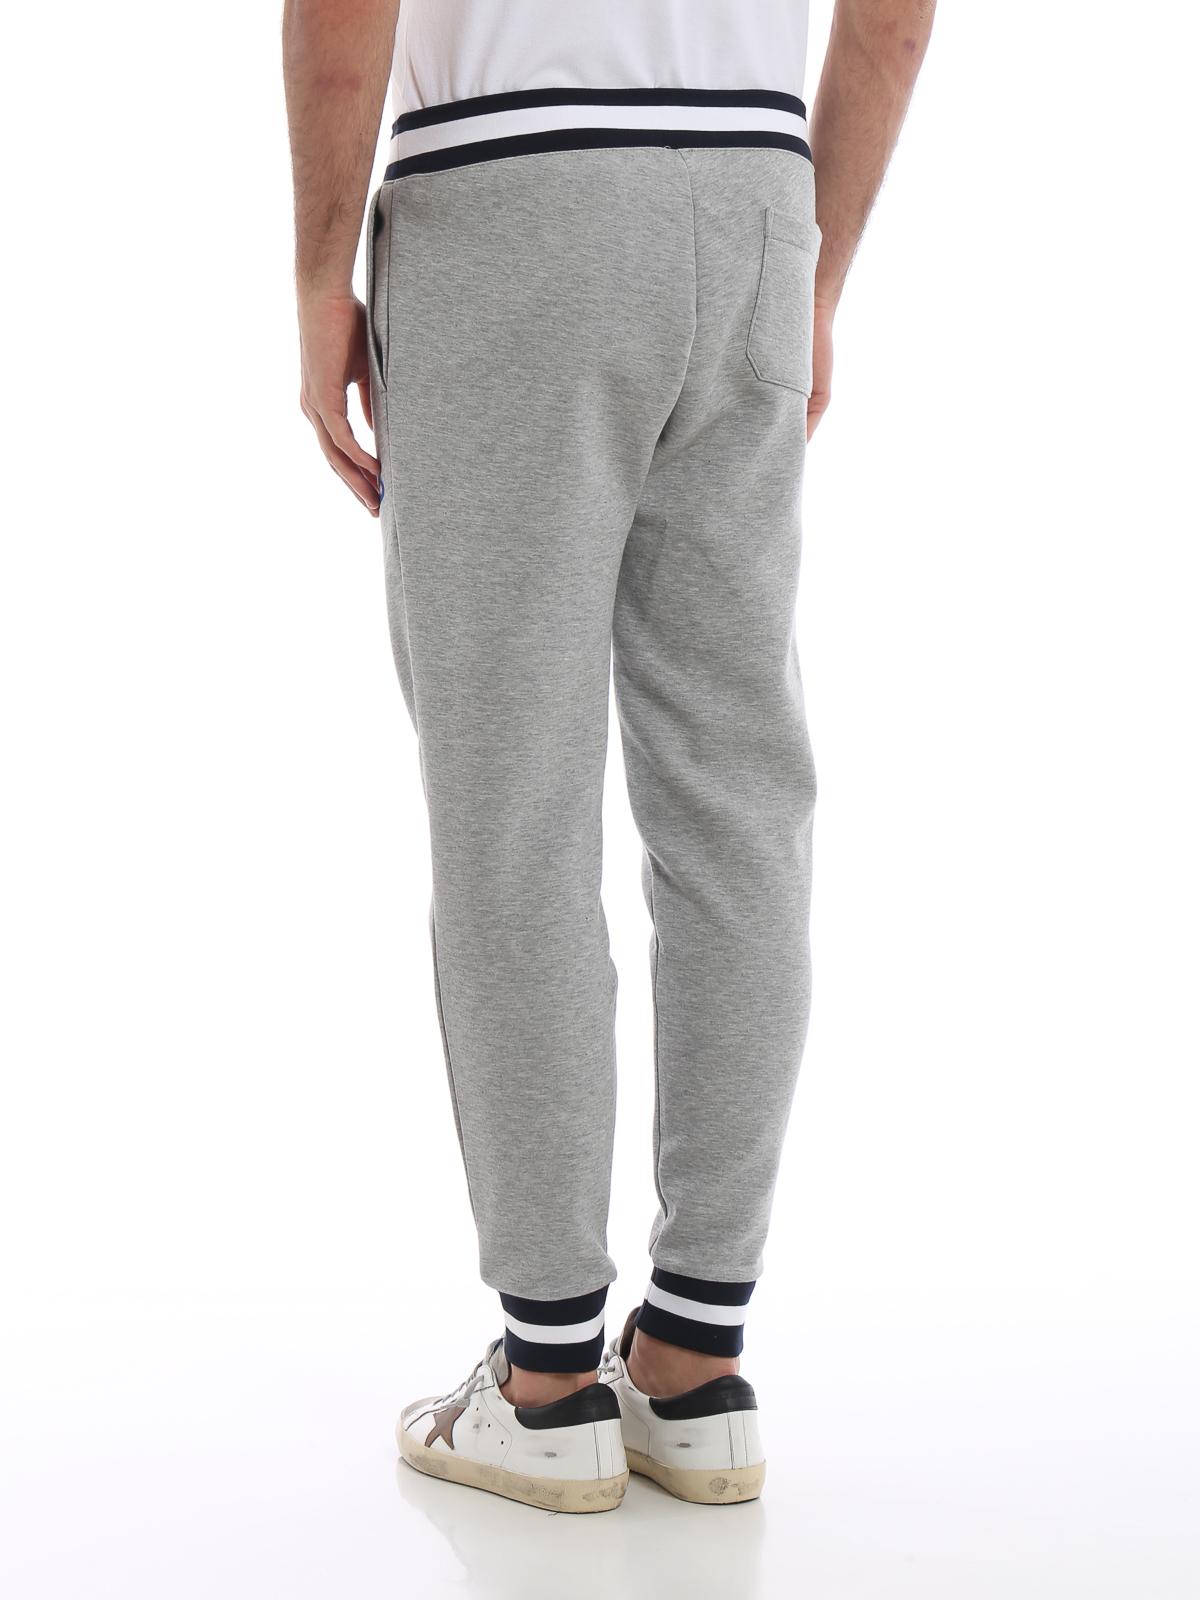 967dc351c21 Grey stretch cotton tracksuit bottoms shop online  POLO RALPH LAUREN